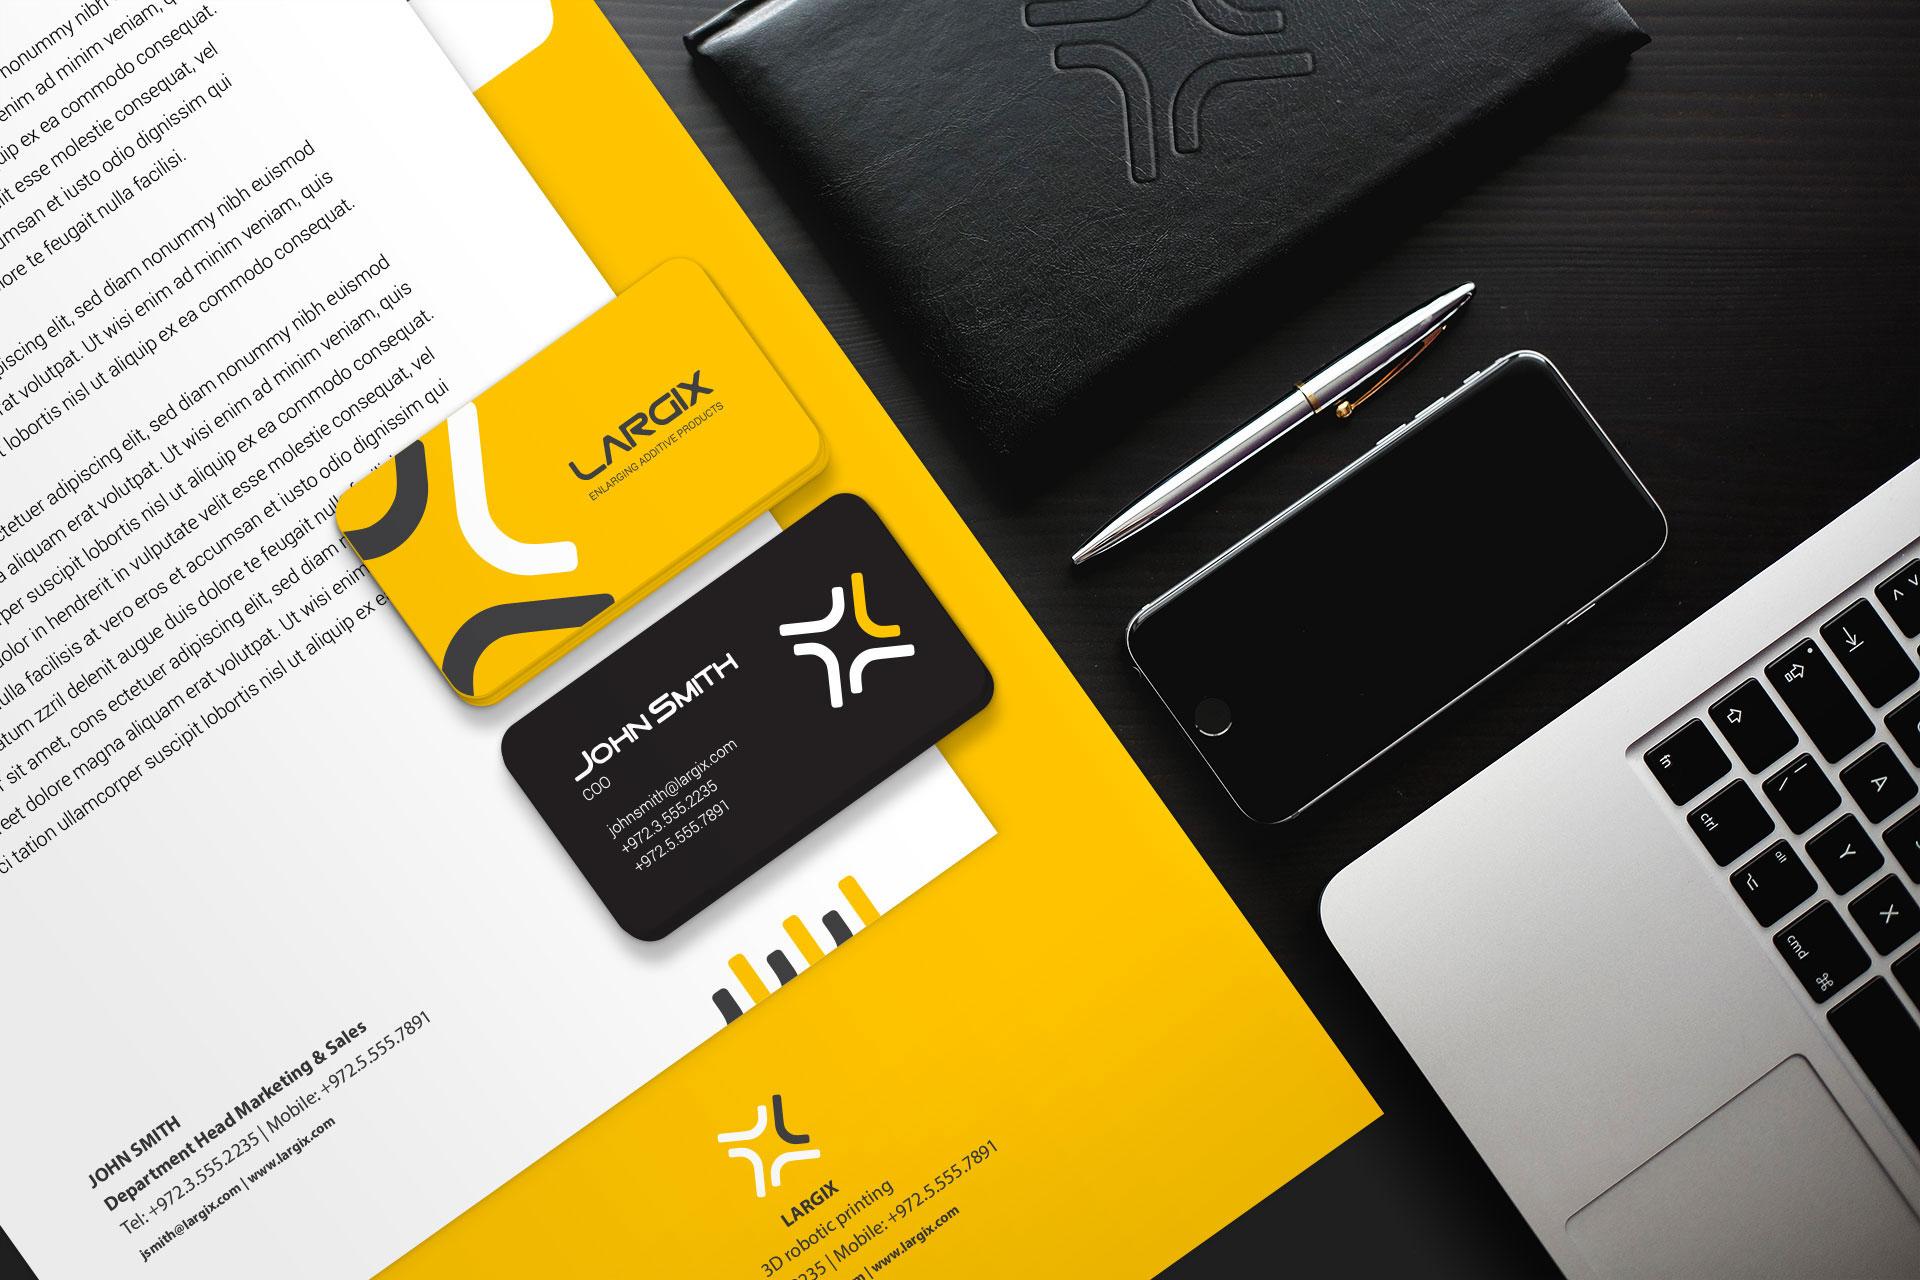 Branding stationary 3D printing מיתוג ועיצוב ניירת משרדית הדפסת תלת מימד Largix